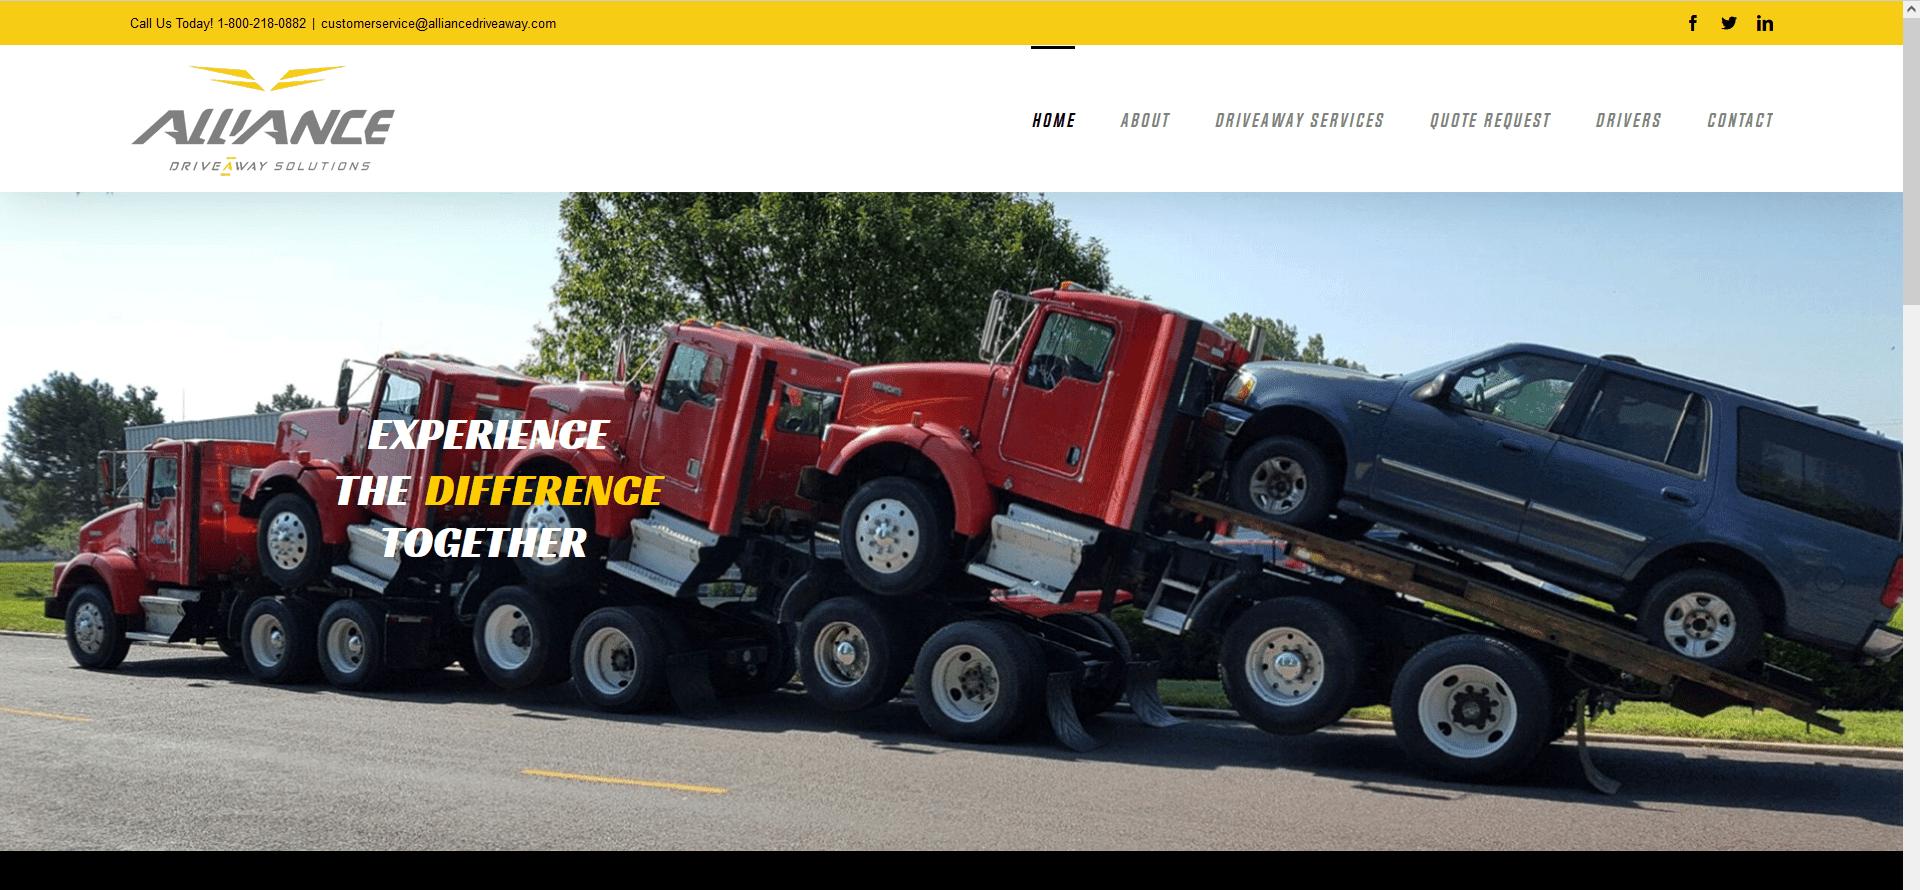 idea Forge Studios website